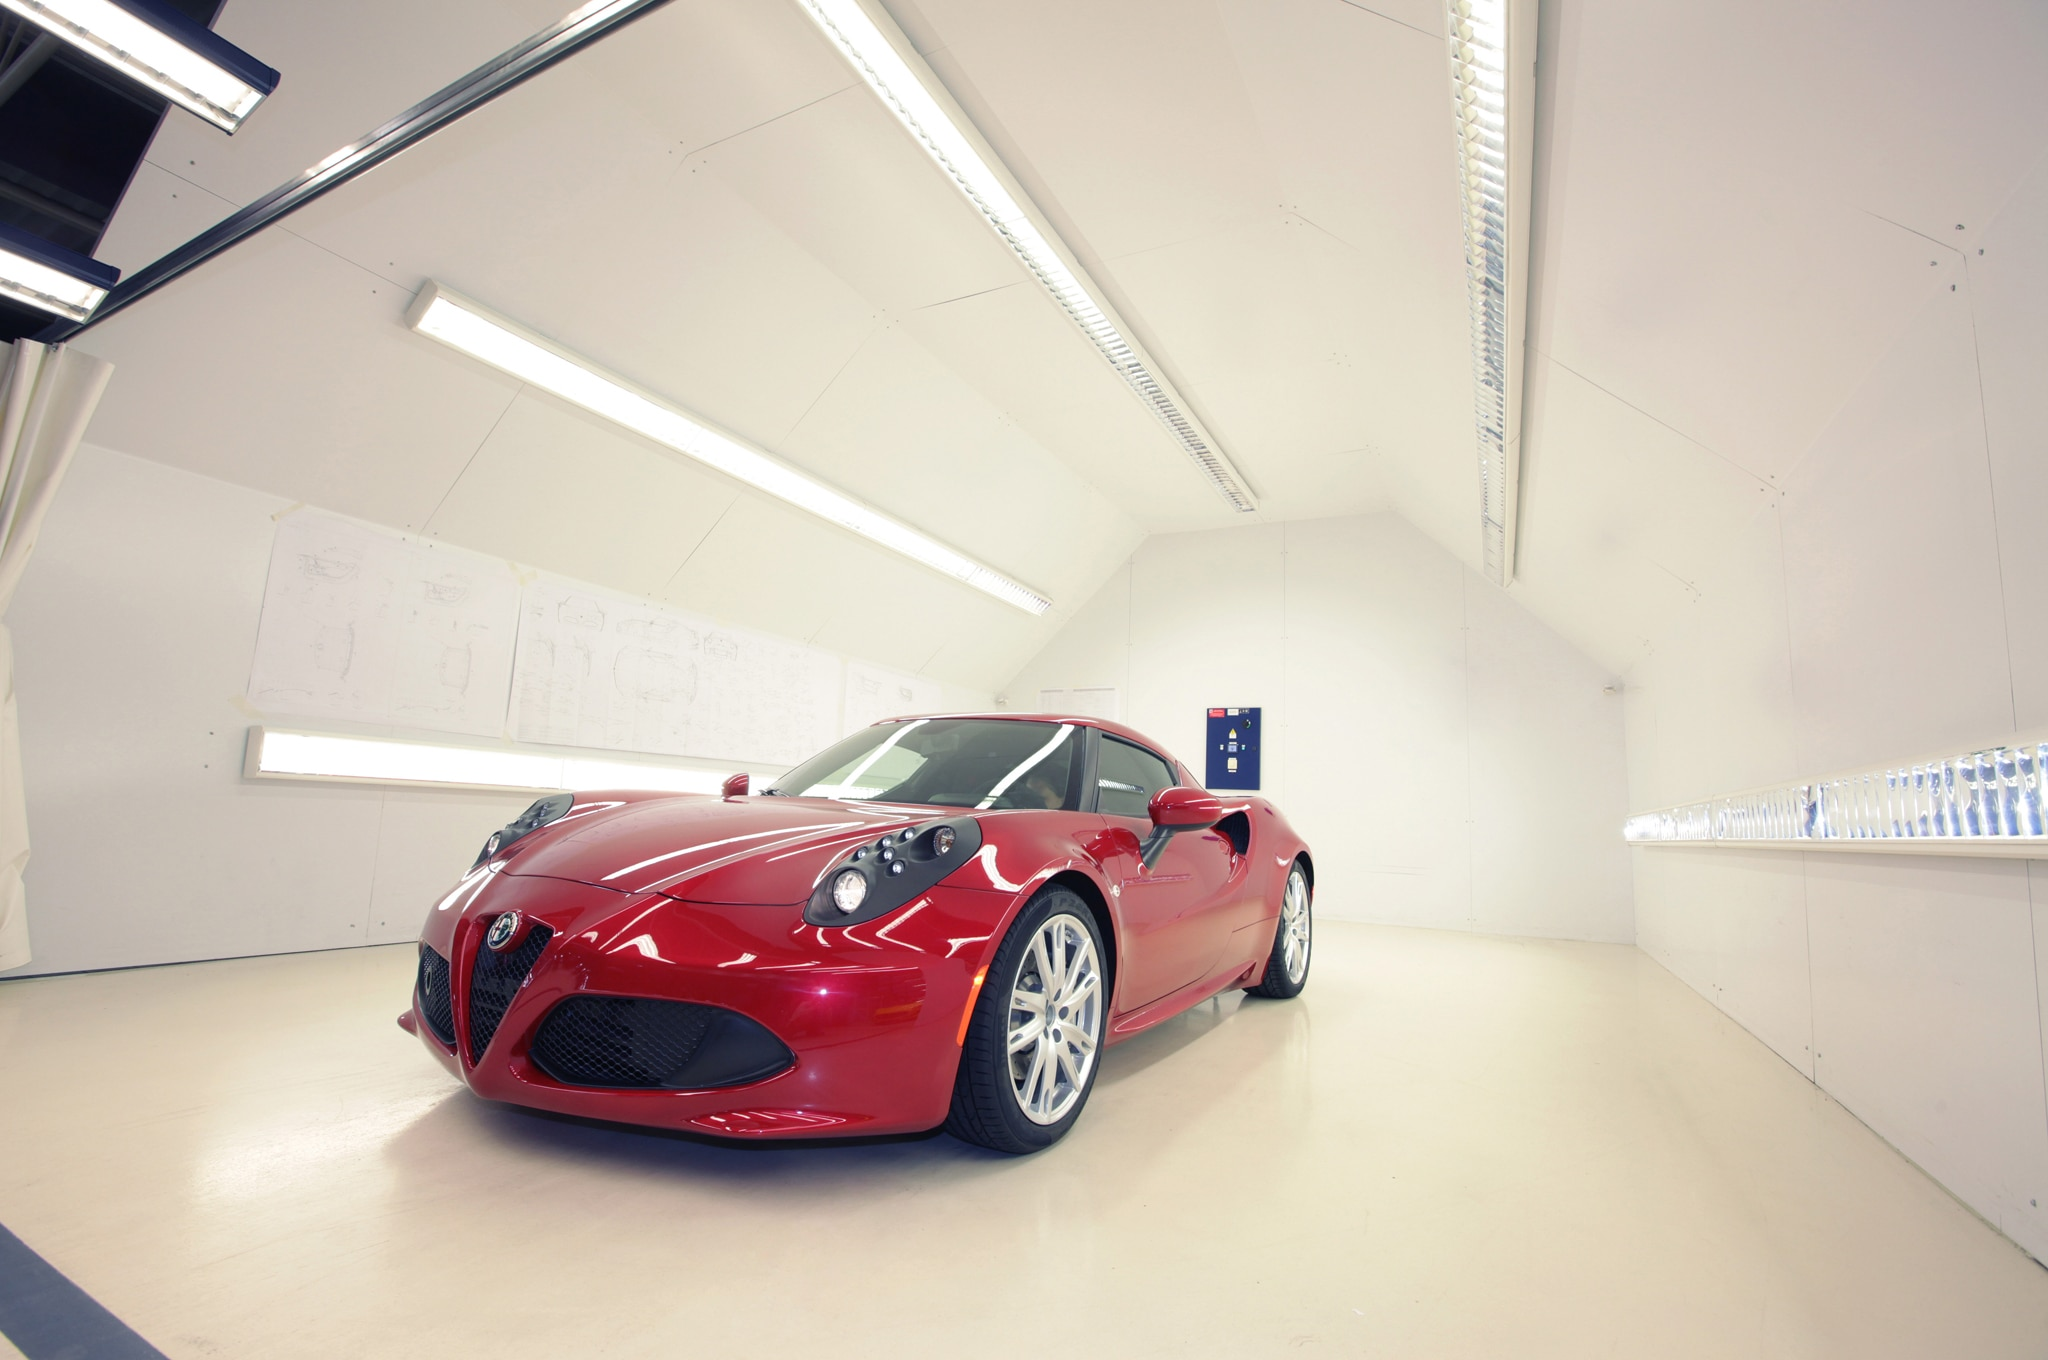 2014 Alfa Romeo 4C Front Three Quarter In Factory1